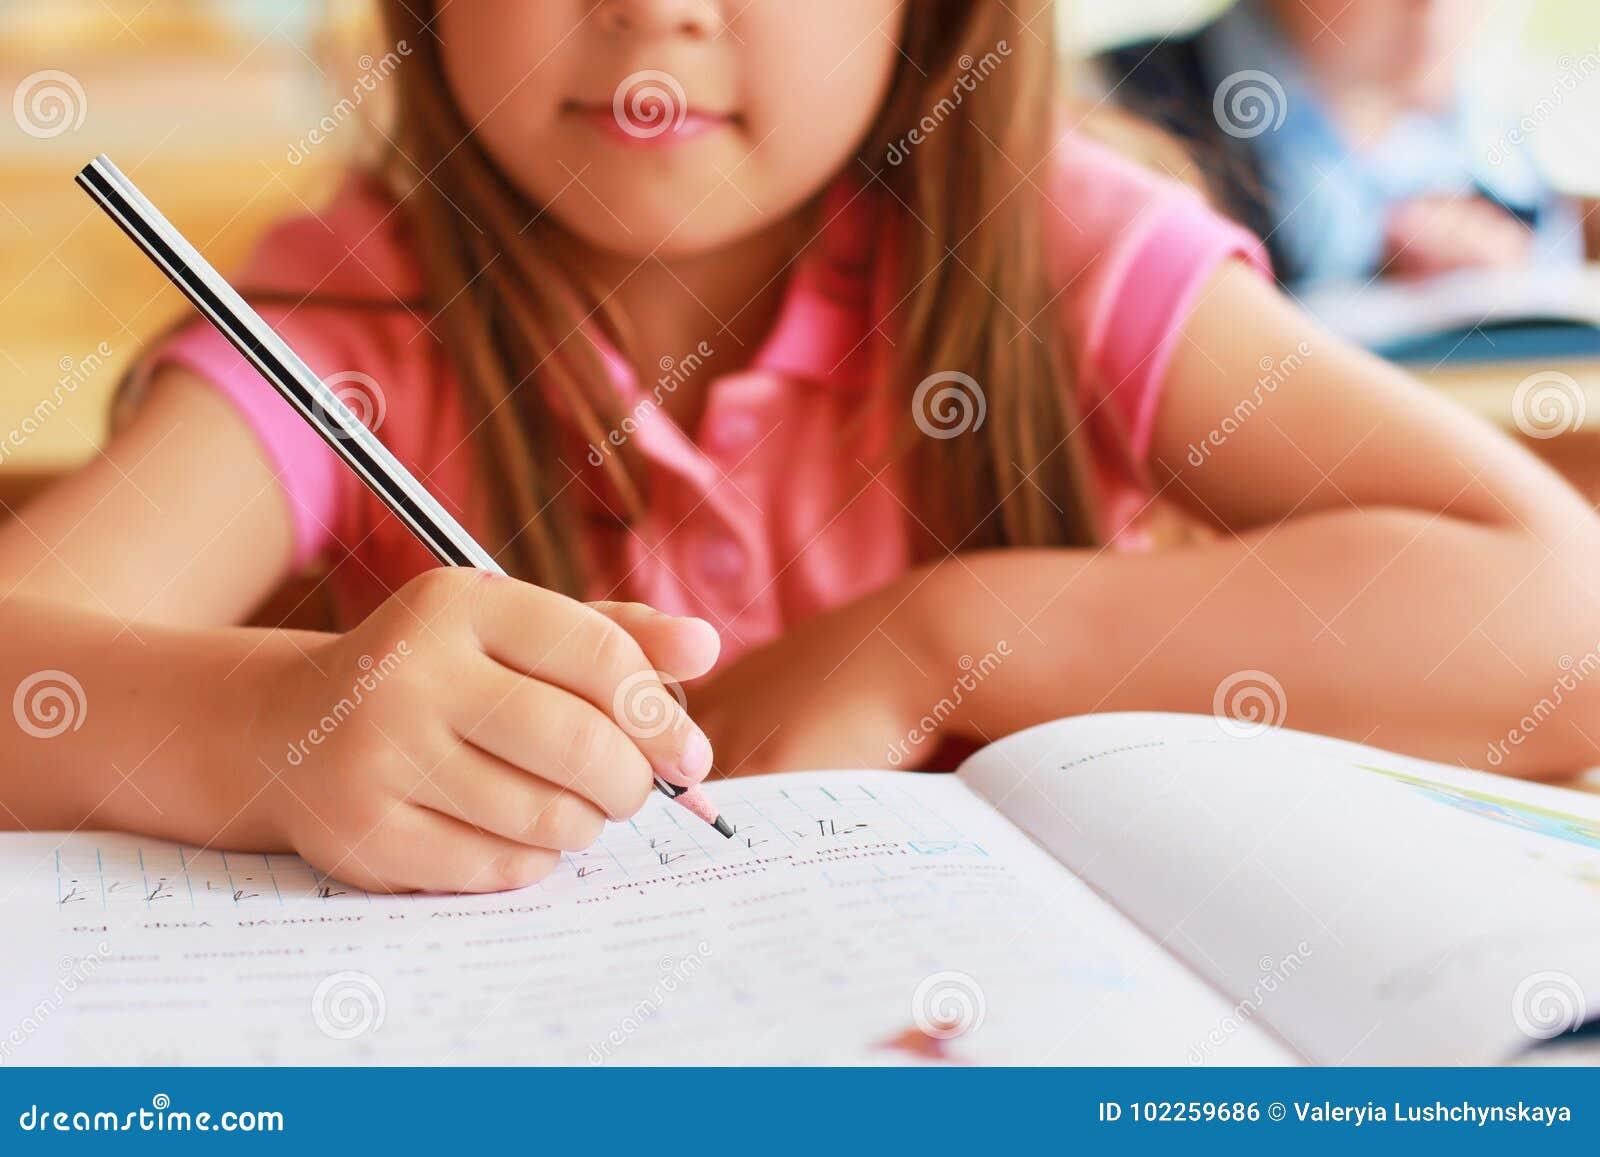 Słodki Kaukaski dziecko w szkole przy biurkiem pisze w notatniku